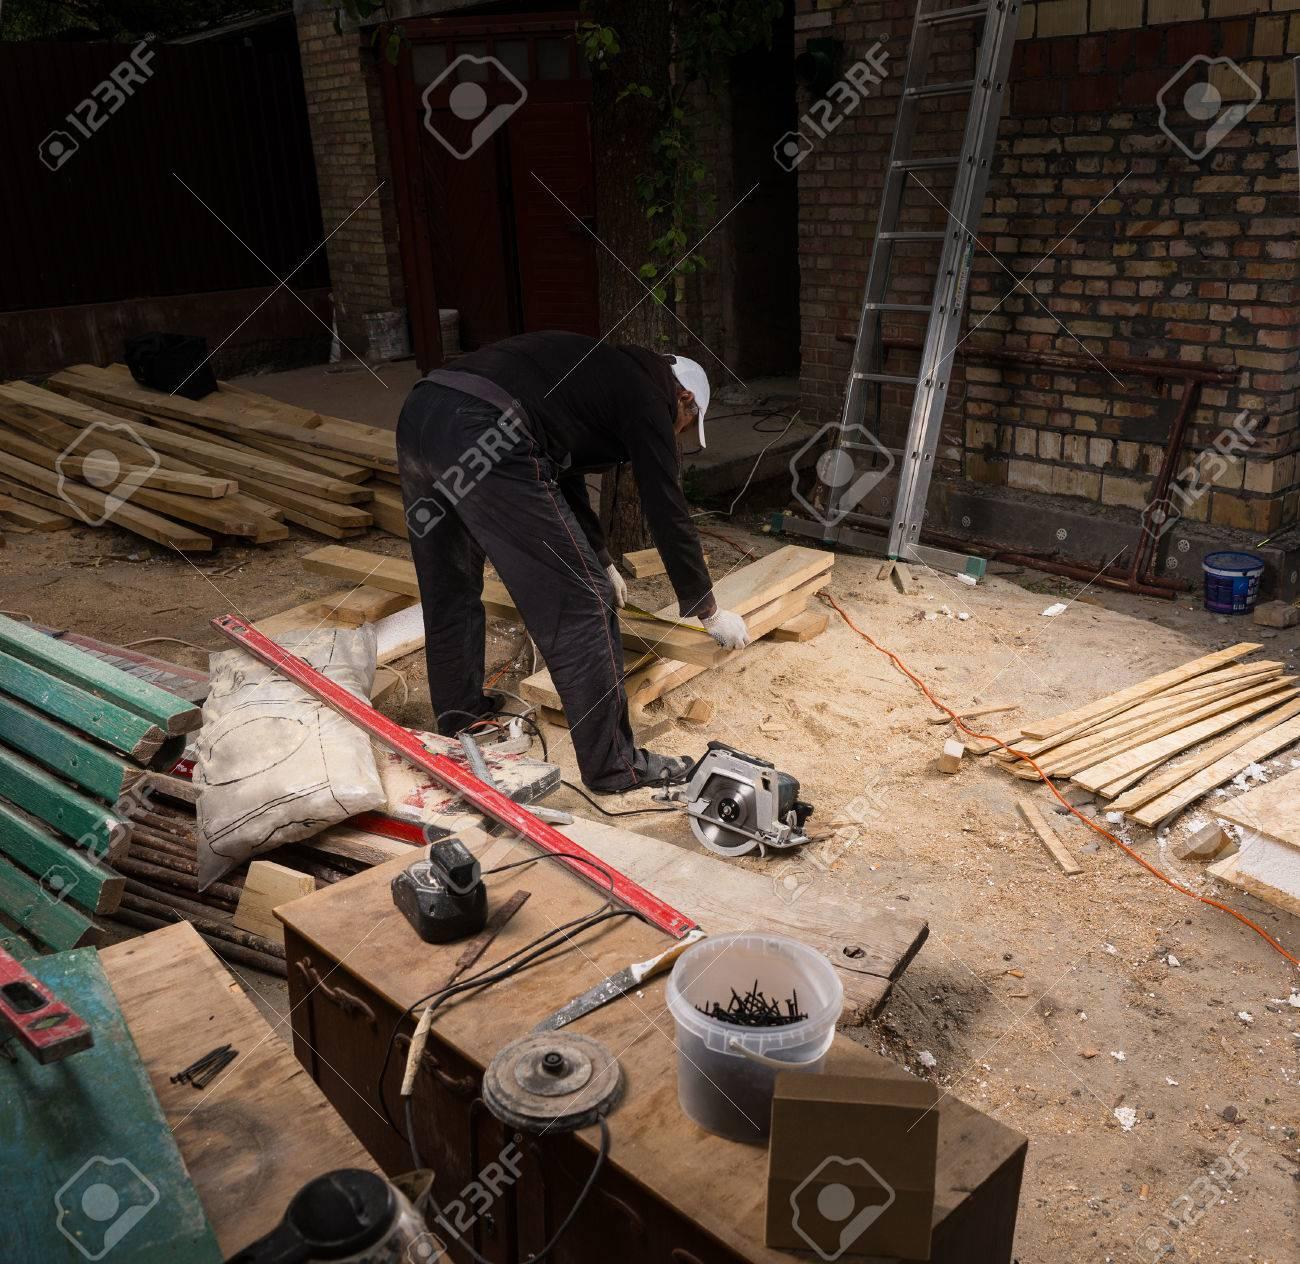 Vue En Plongee De L Homme Utilisant Hand Held Scie Pour Couper Des